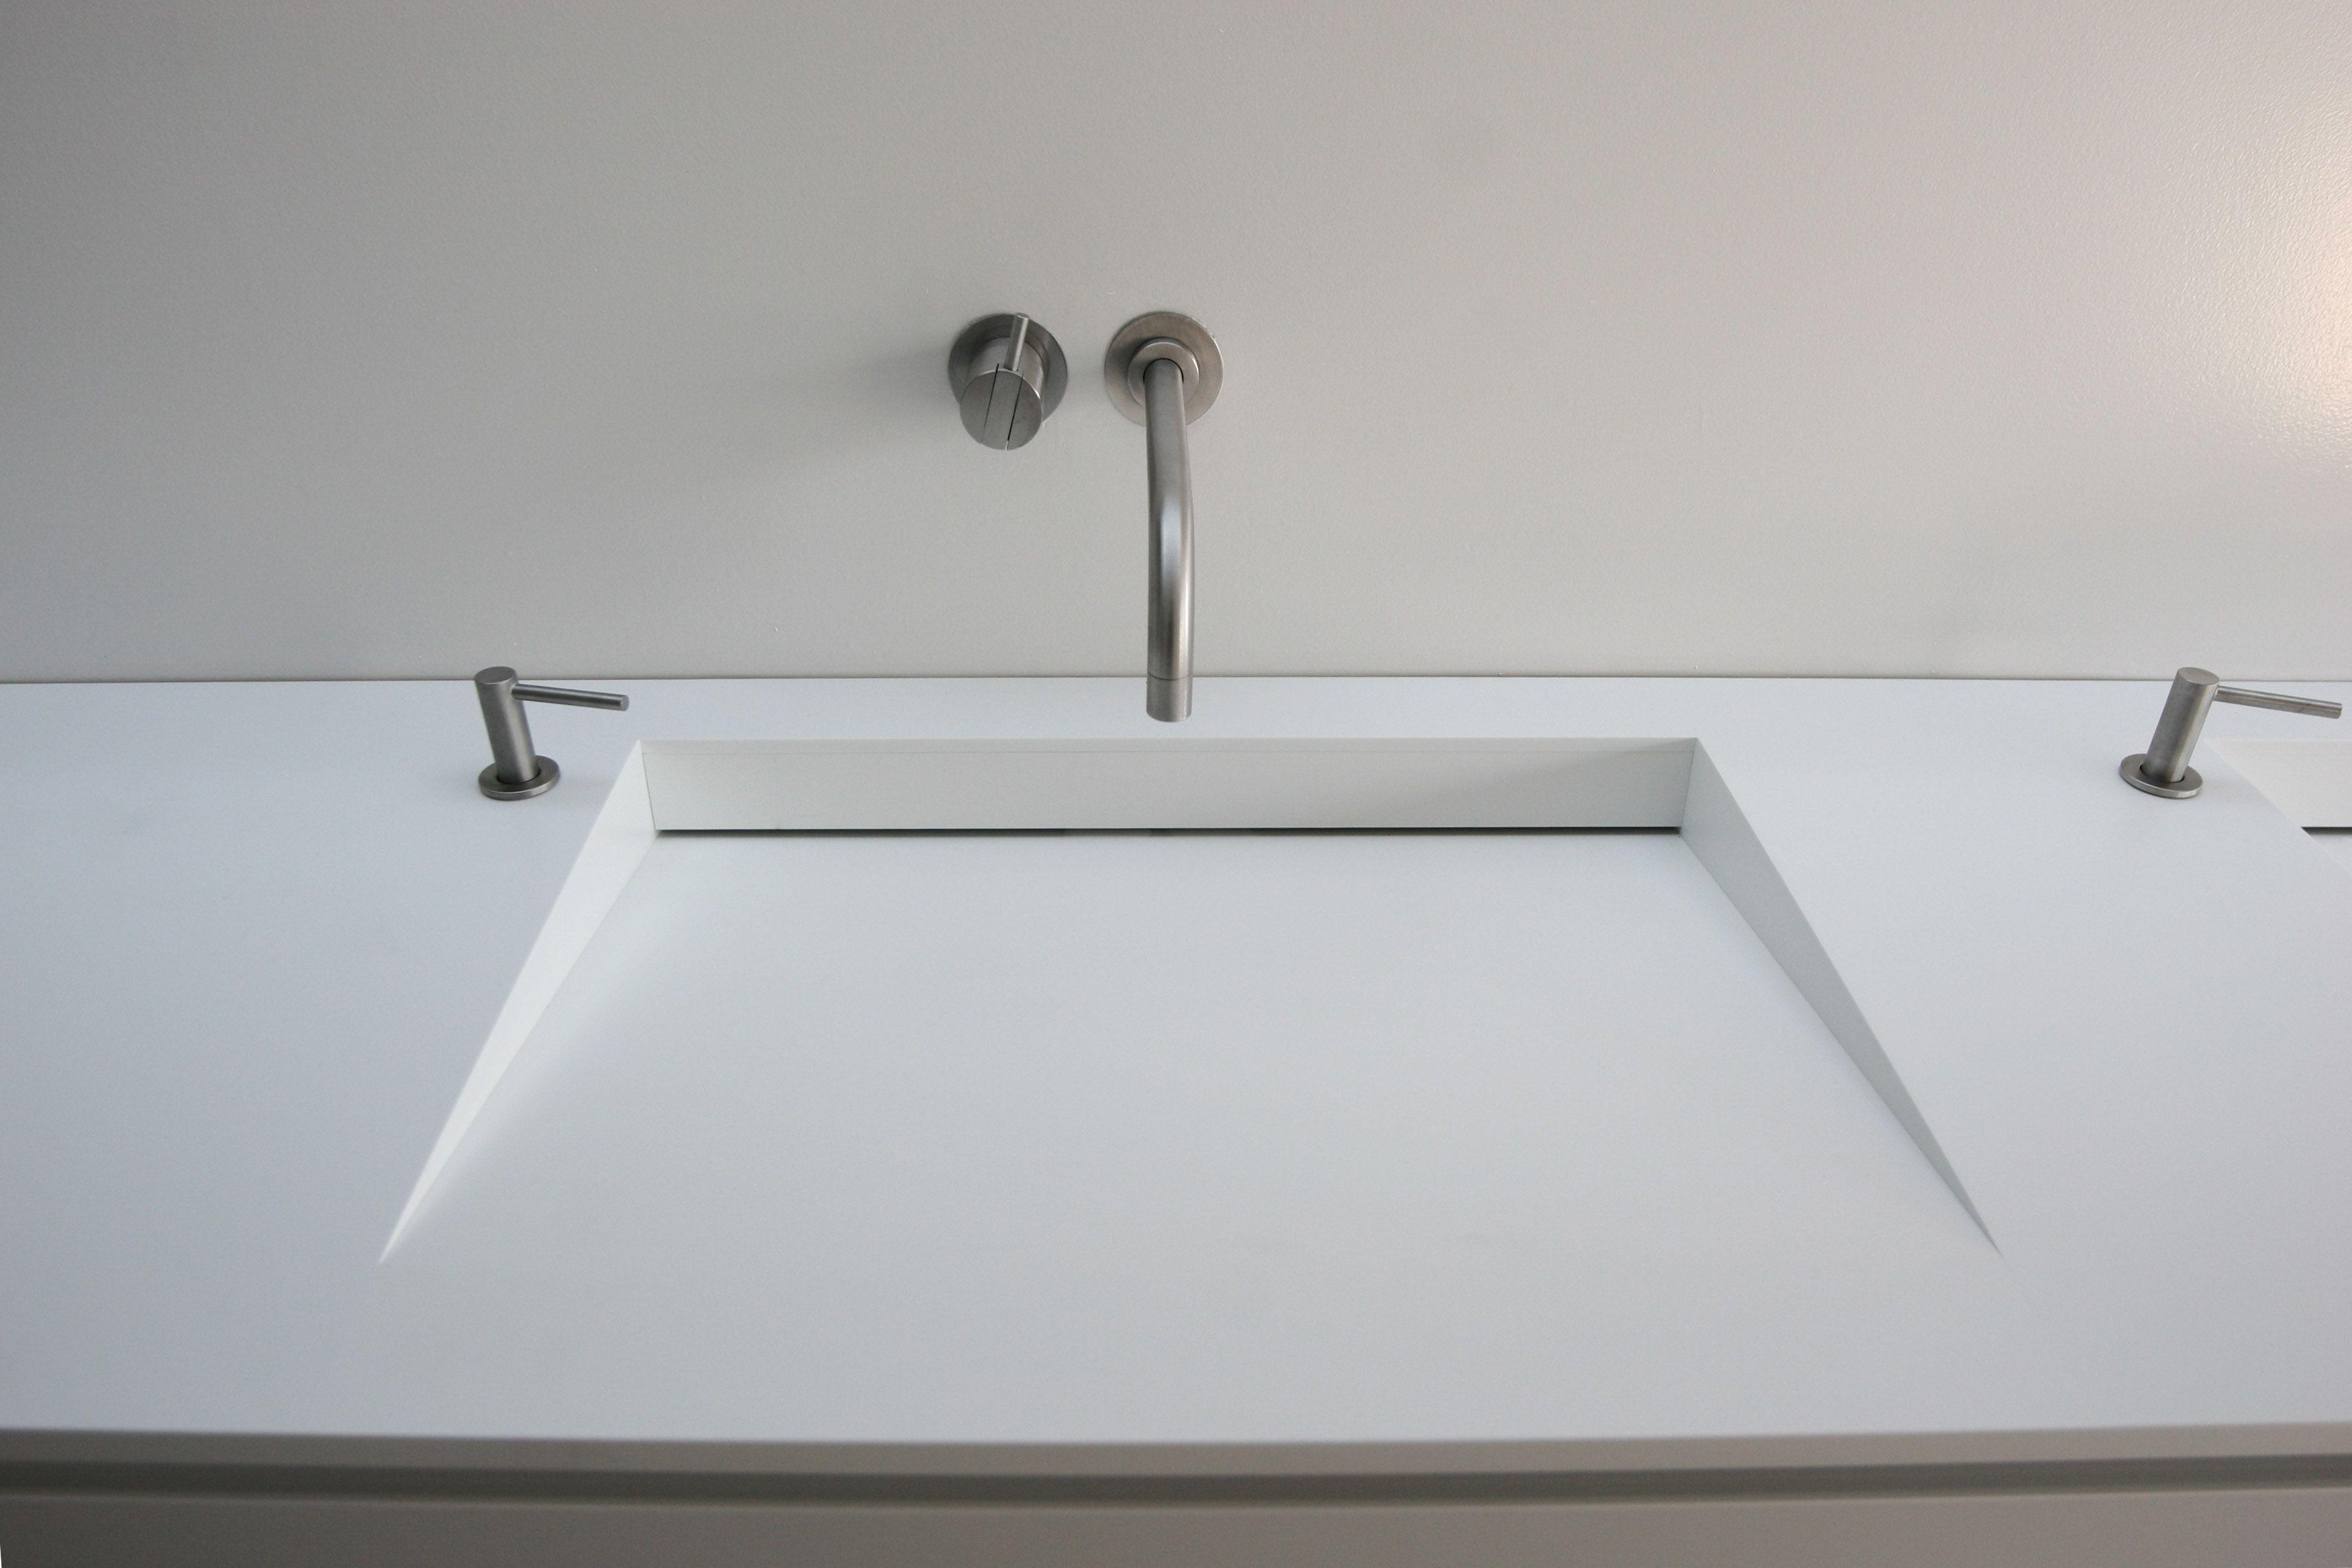 Waschtischabdeckung Mit Becken In Corian Mit Verdecktem Ablauf